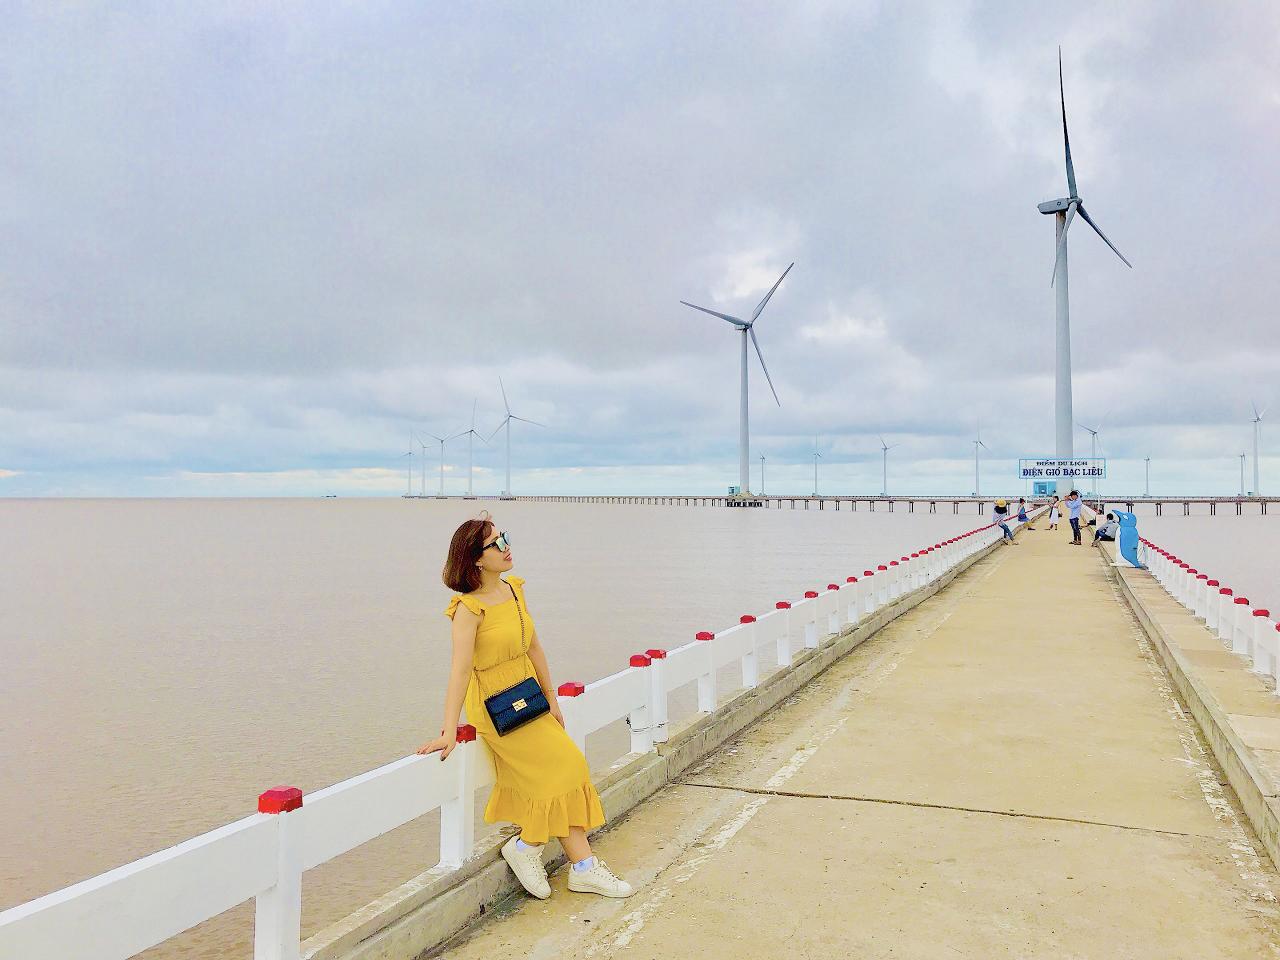 Check-in cánh đồng điện gió Bạc Liêu trong tour Cần Thơ Cà Mau 2 ngày 1 đêm